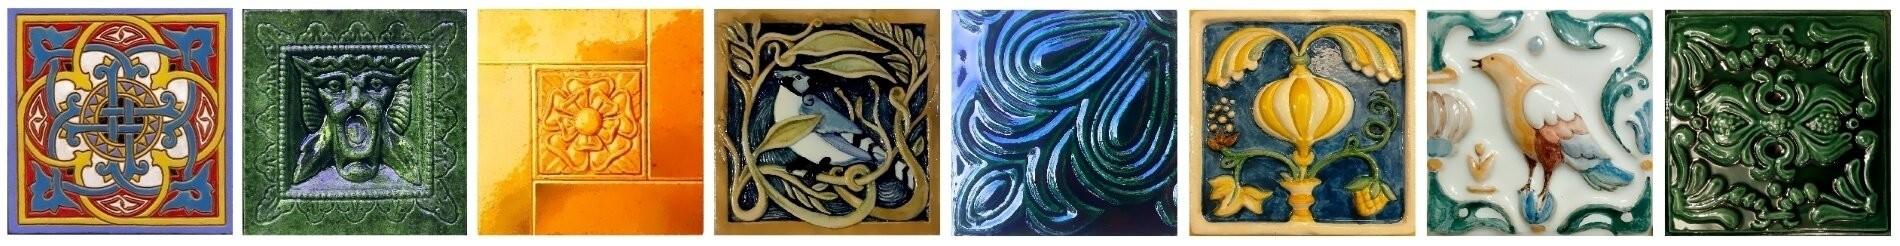 Купить рельефные и расписные изразцы ручной работы. Керамическая изразцовая плитка недорого. Фото, цена.